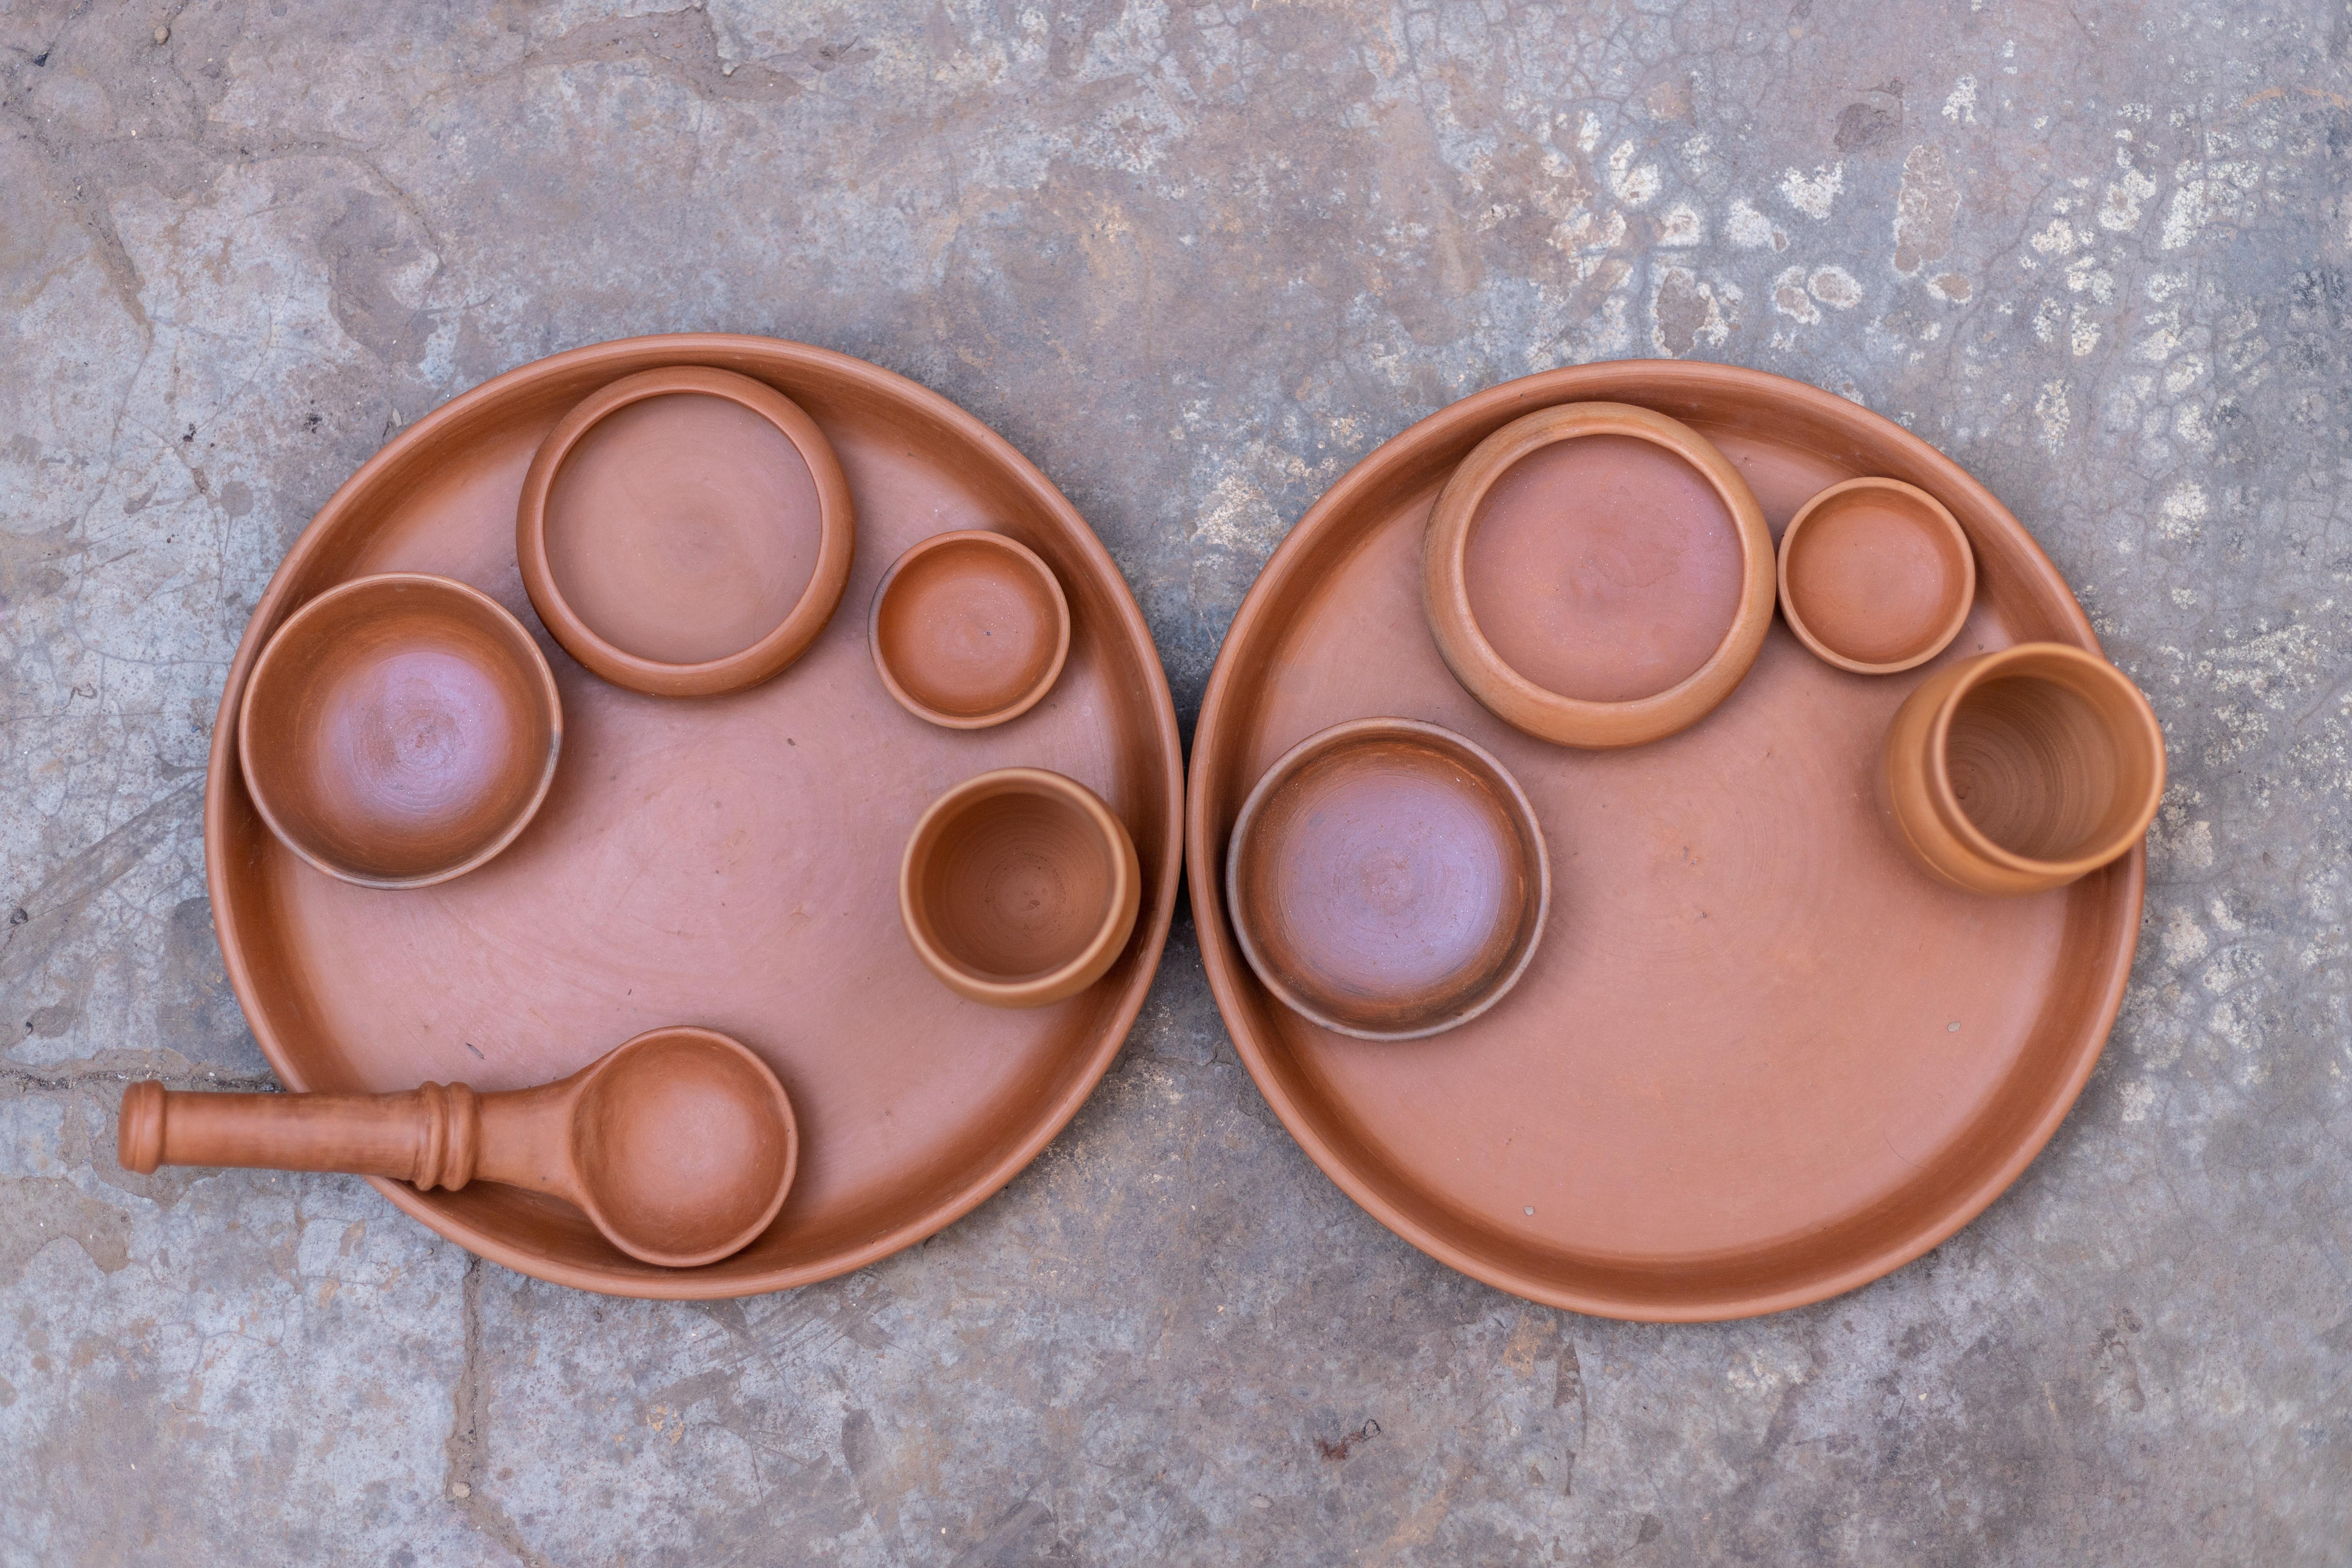 Terracotta Dinner Set for Two